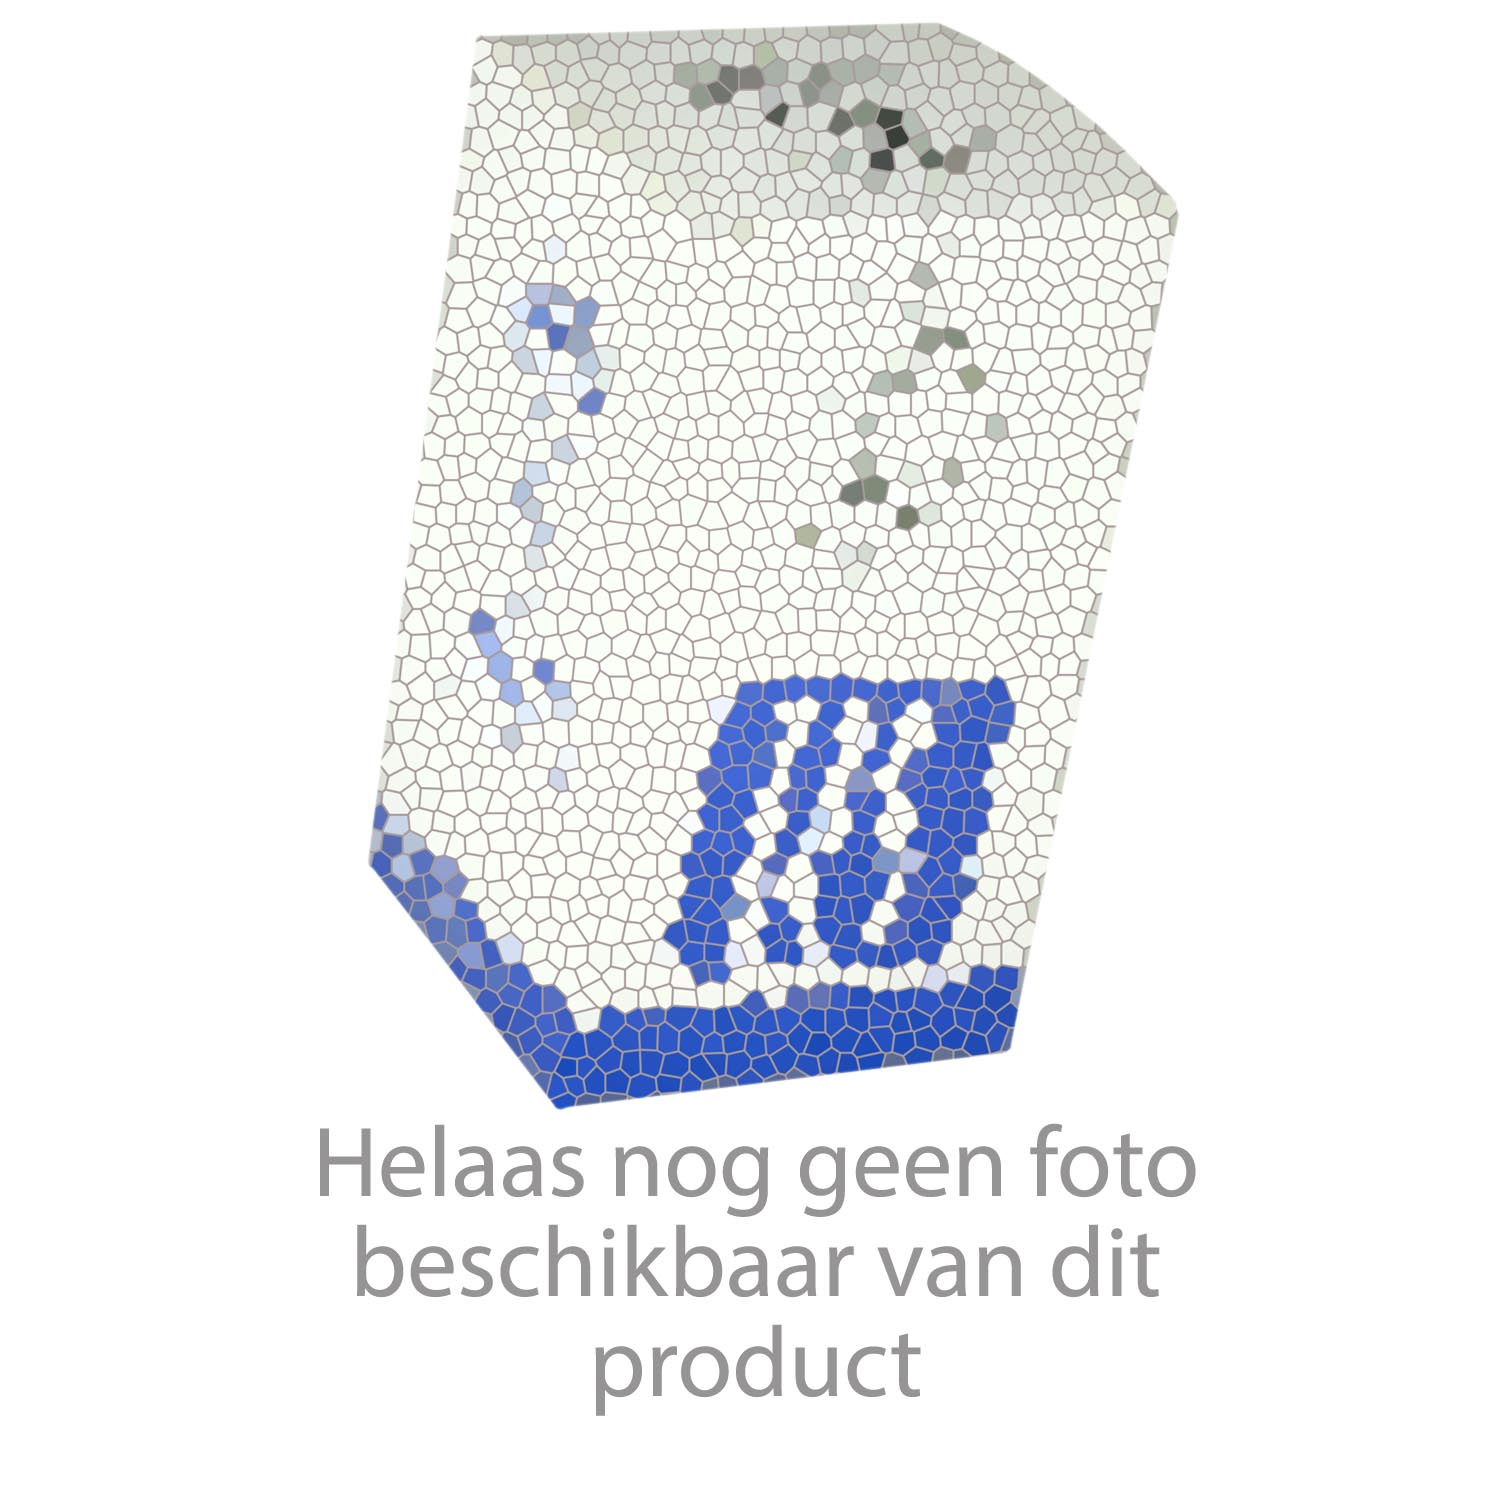 Doeco korfplug met kunststof lange stift T.b.v. Doeco 2 mini-korfplugset voor keramische bakken KPKVB